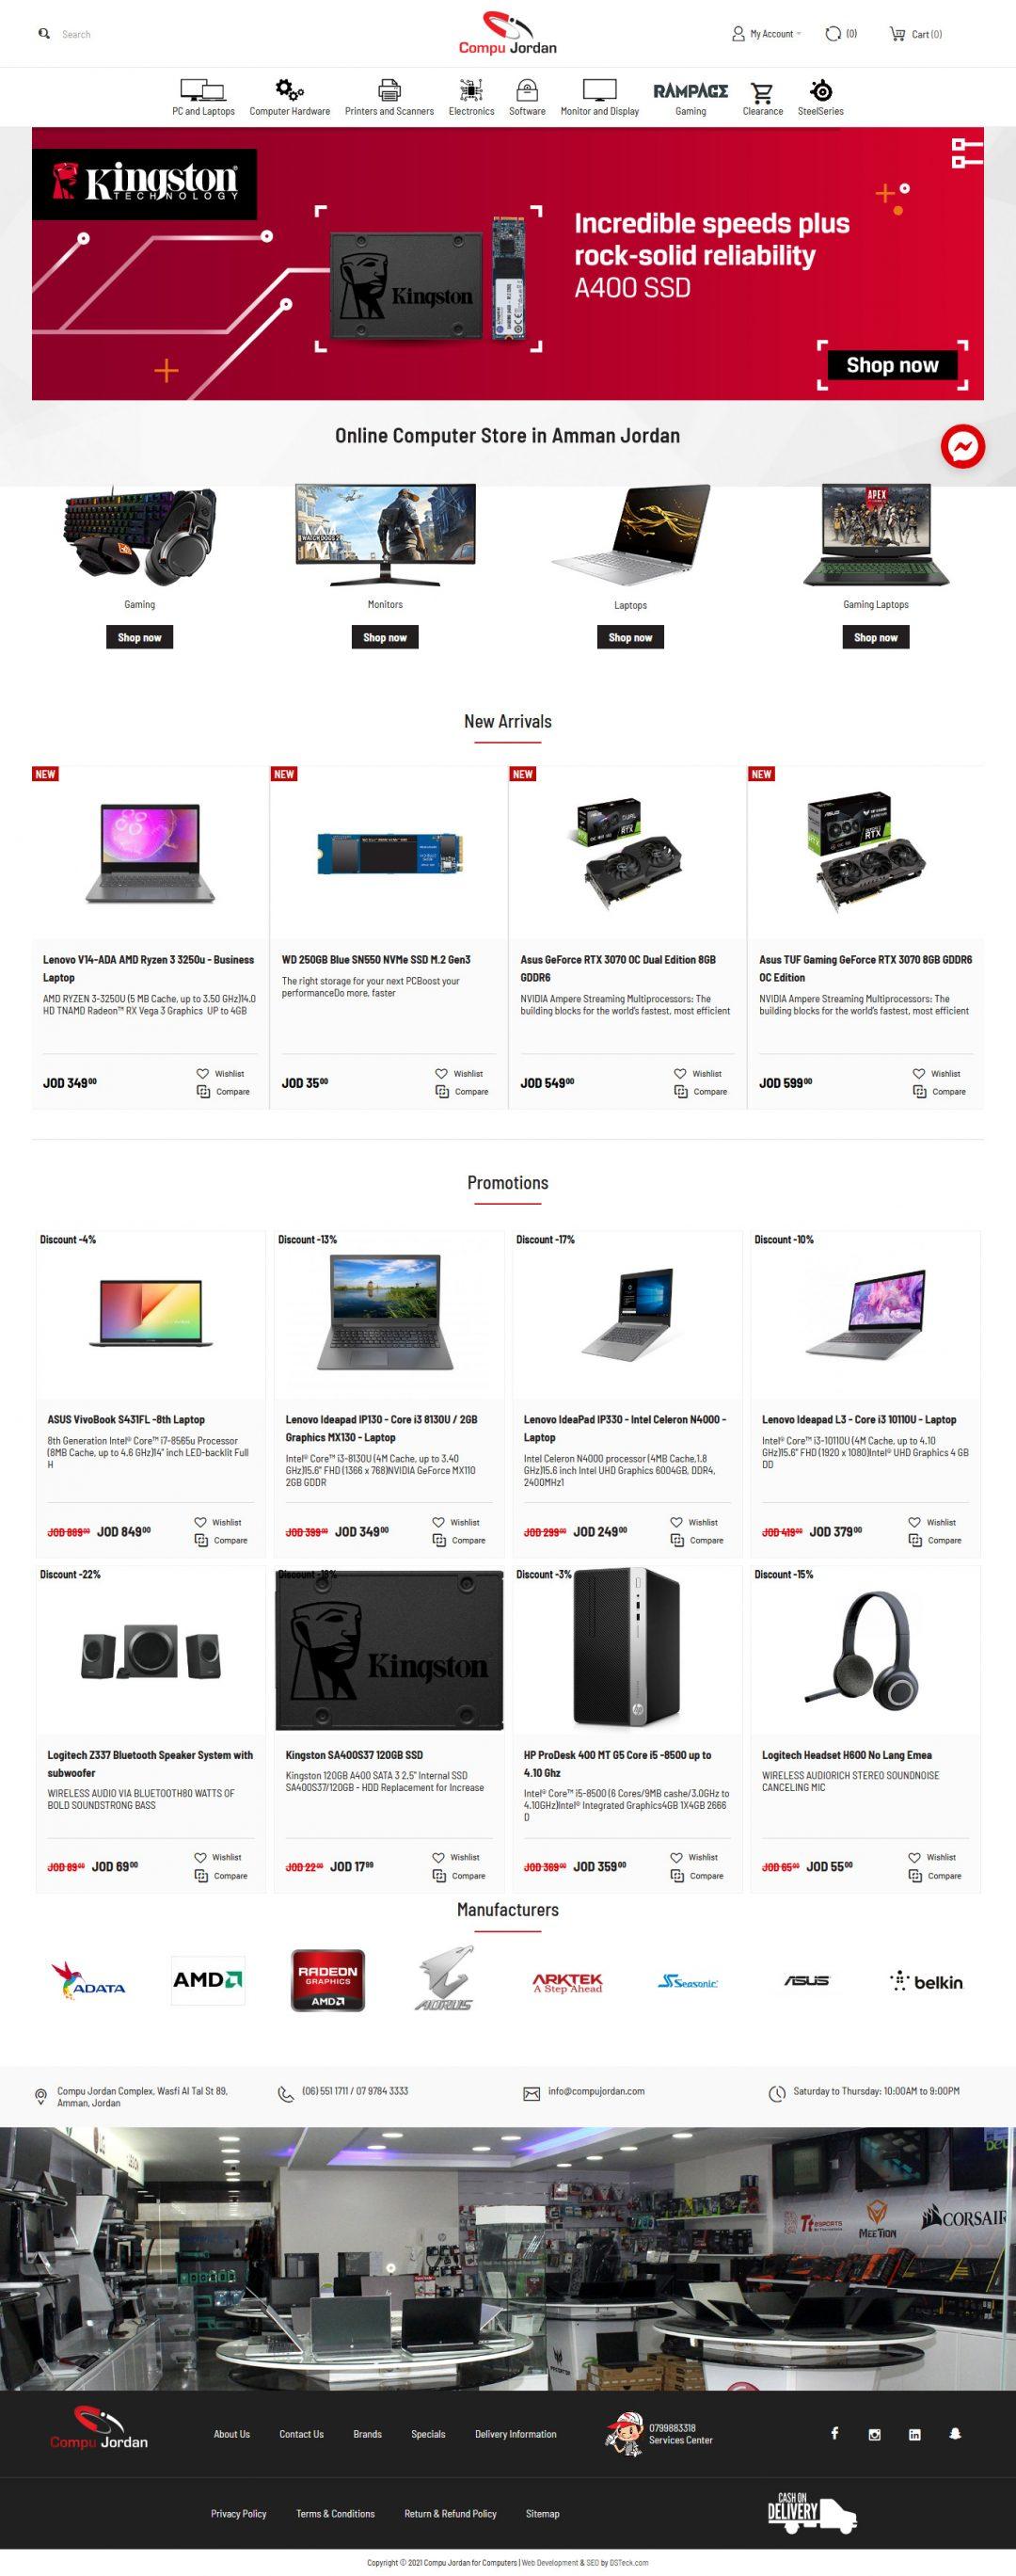 Compu Jordan for Computers – Jordan